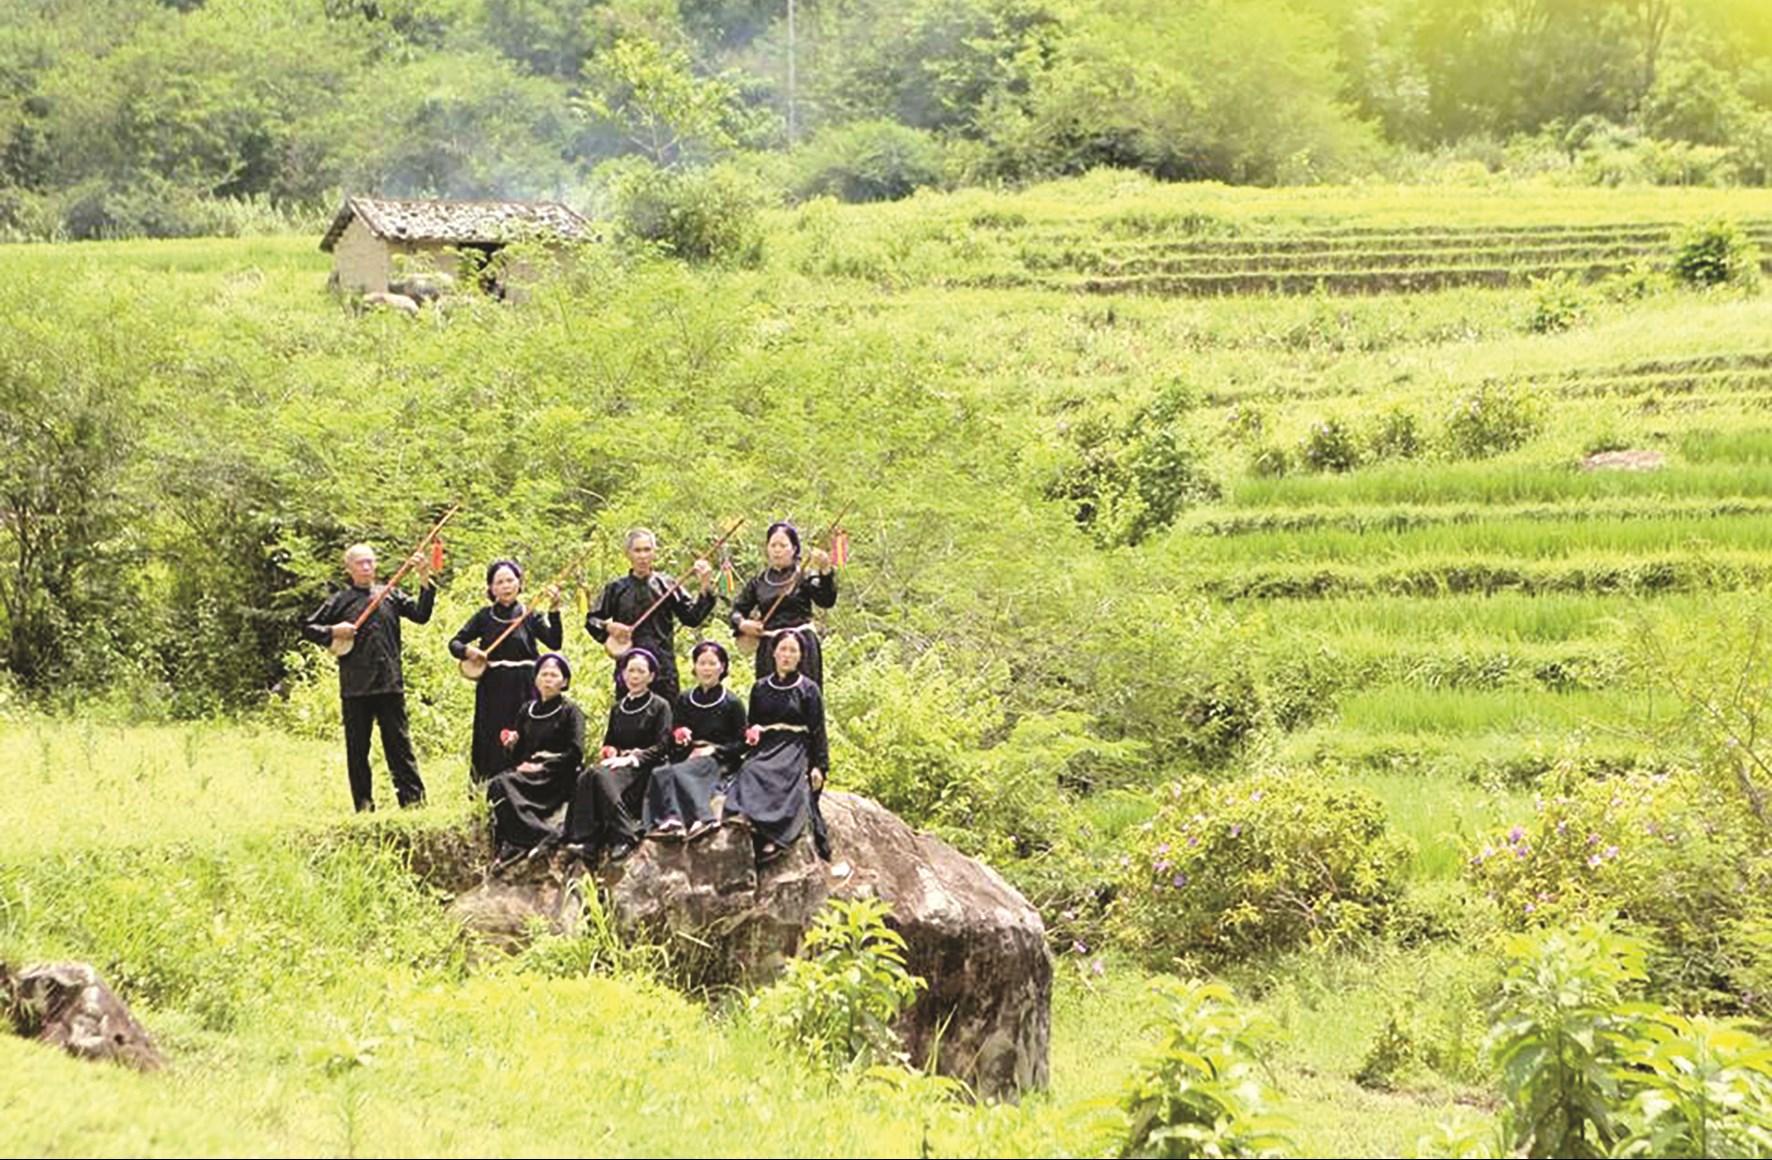 Bà Hoàng Thị Viên (hàng đầu, thứ 2 bên trái) đang cùng các hội viên trong CLB biểu diễn hát Then